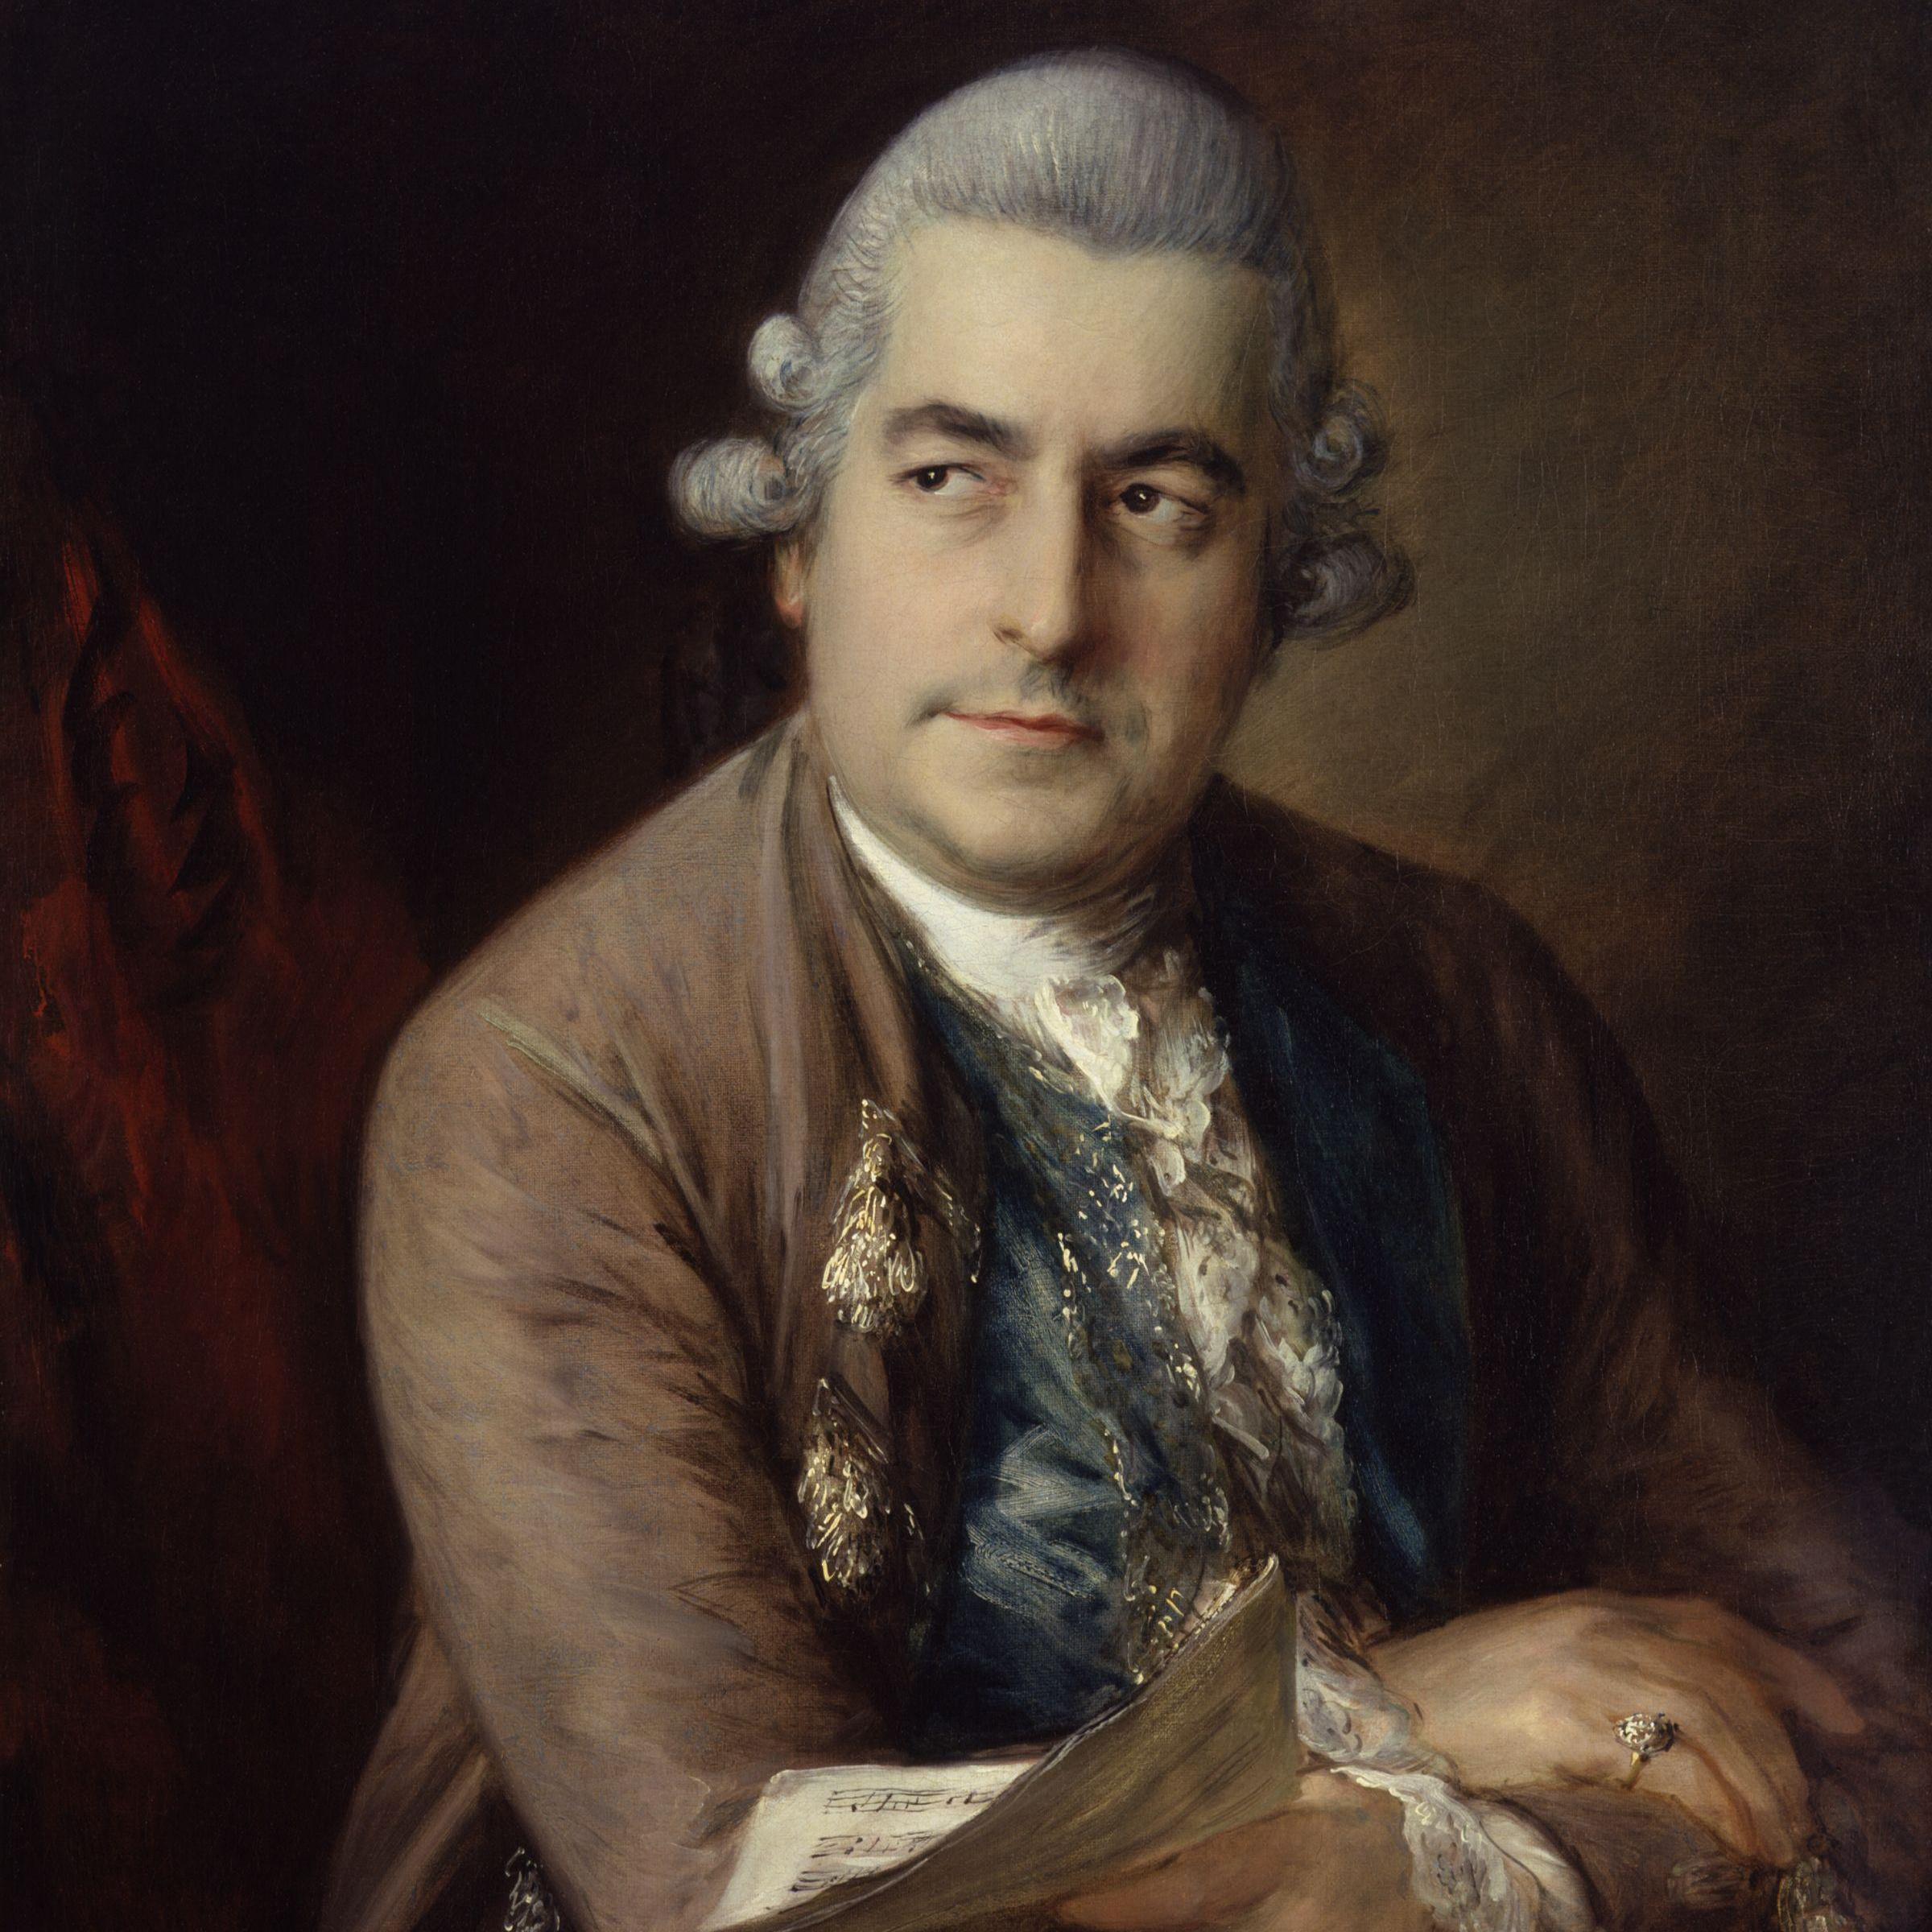 Johann Christian Bach Bach